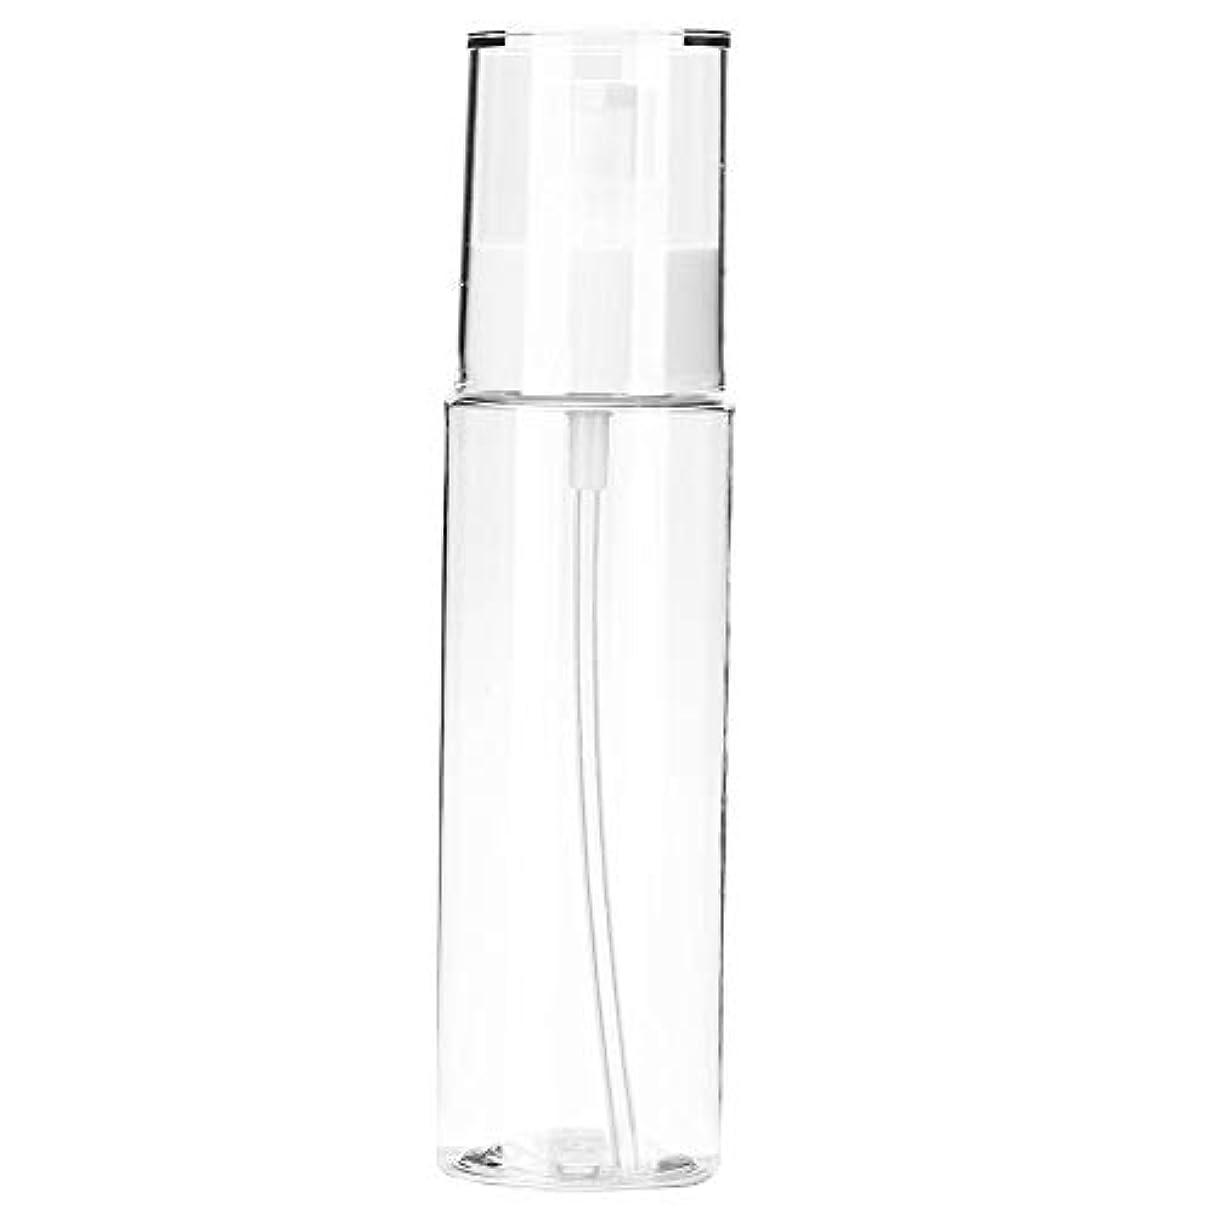 できない巻き取り読みやすさ小分けボトル 透明 空ローションボトルポータブルシャンプートナー化粧品収納ボトル(120m)